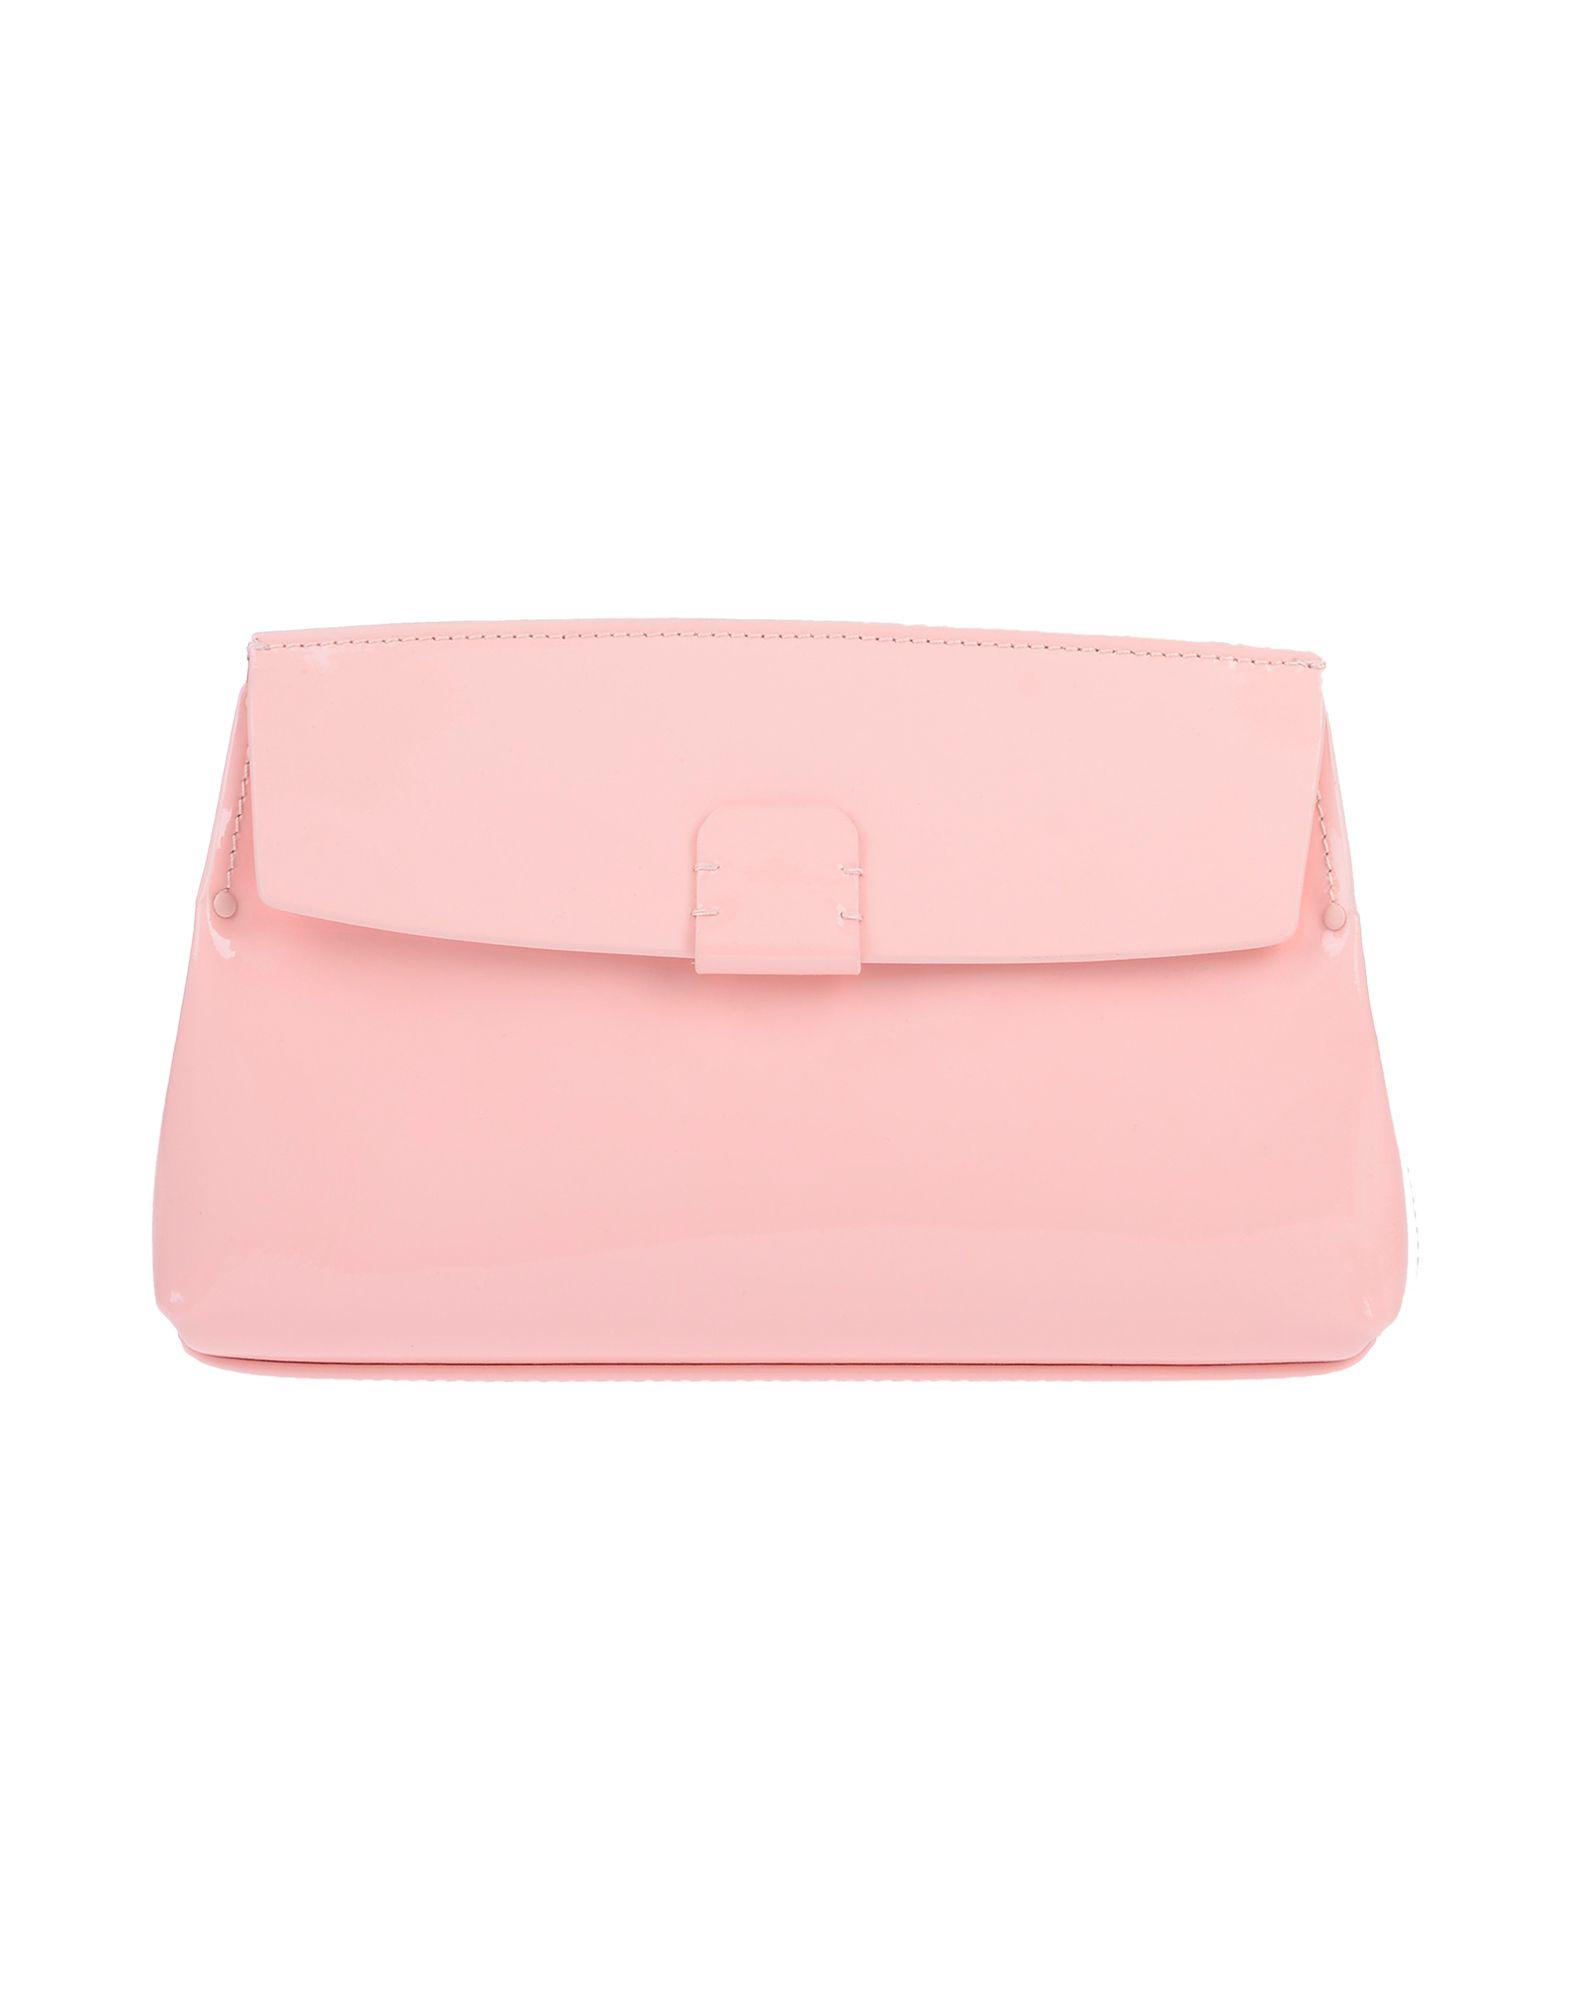 《セール開催中》NICO GIANI レディース ハンドバッグ ピンク 革